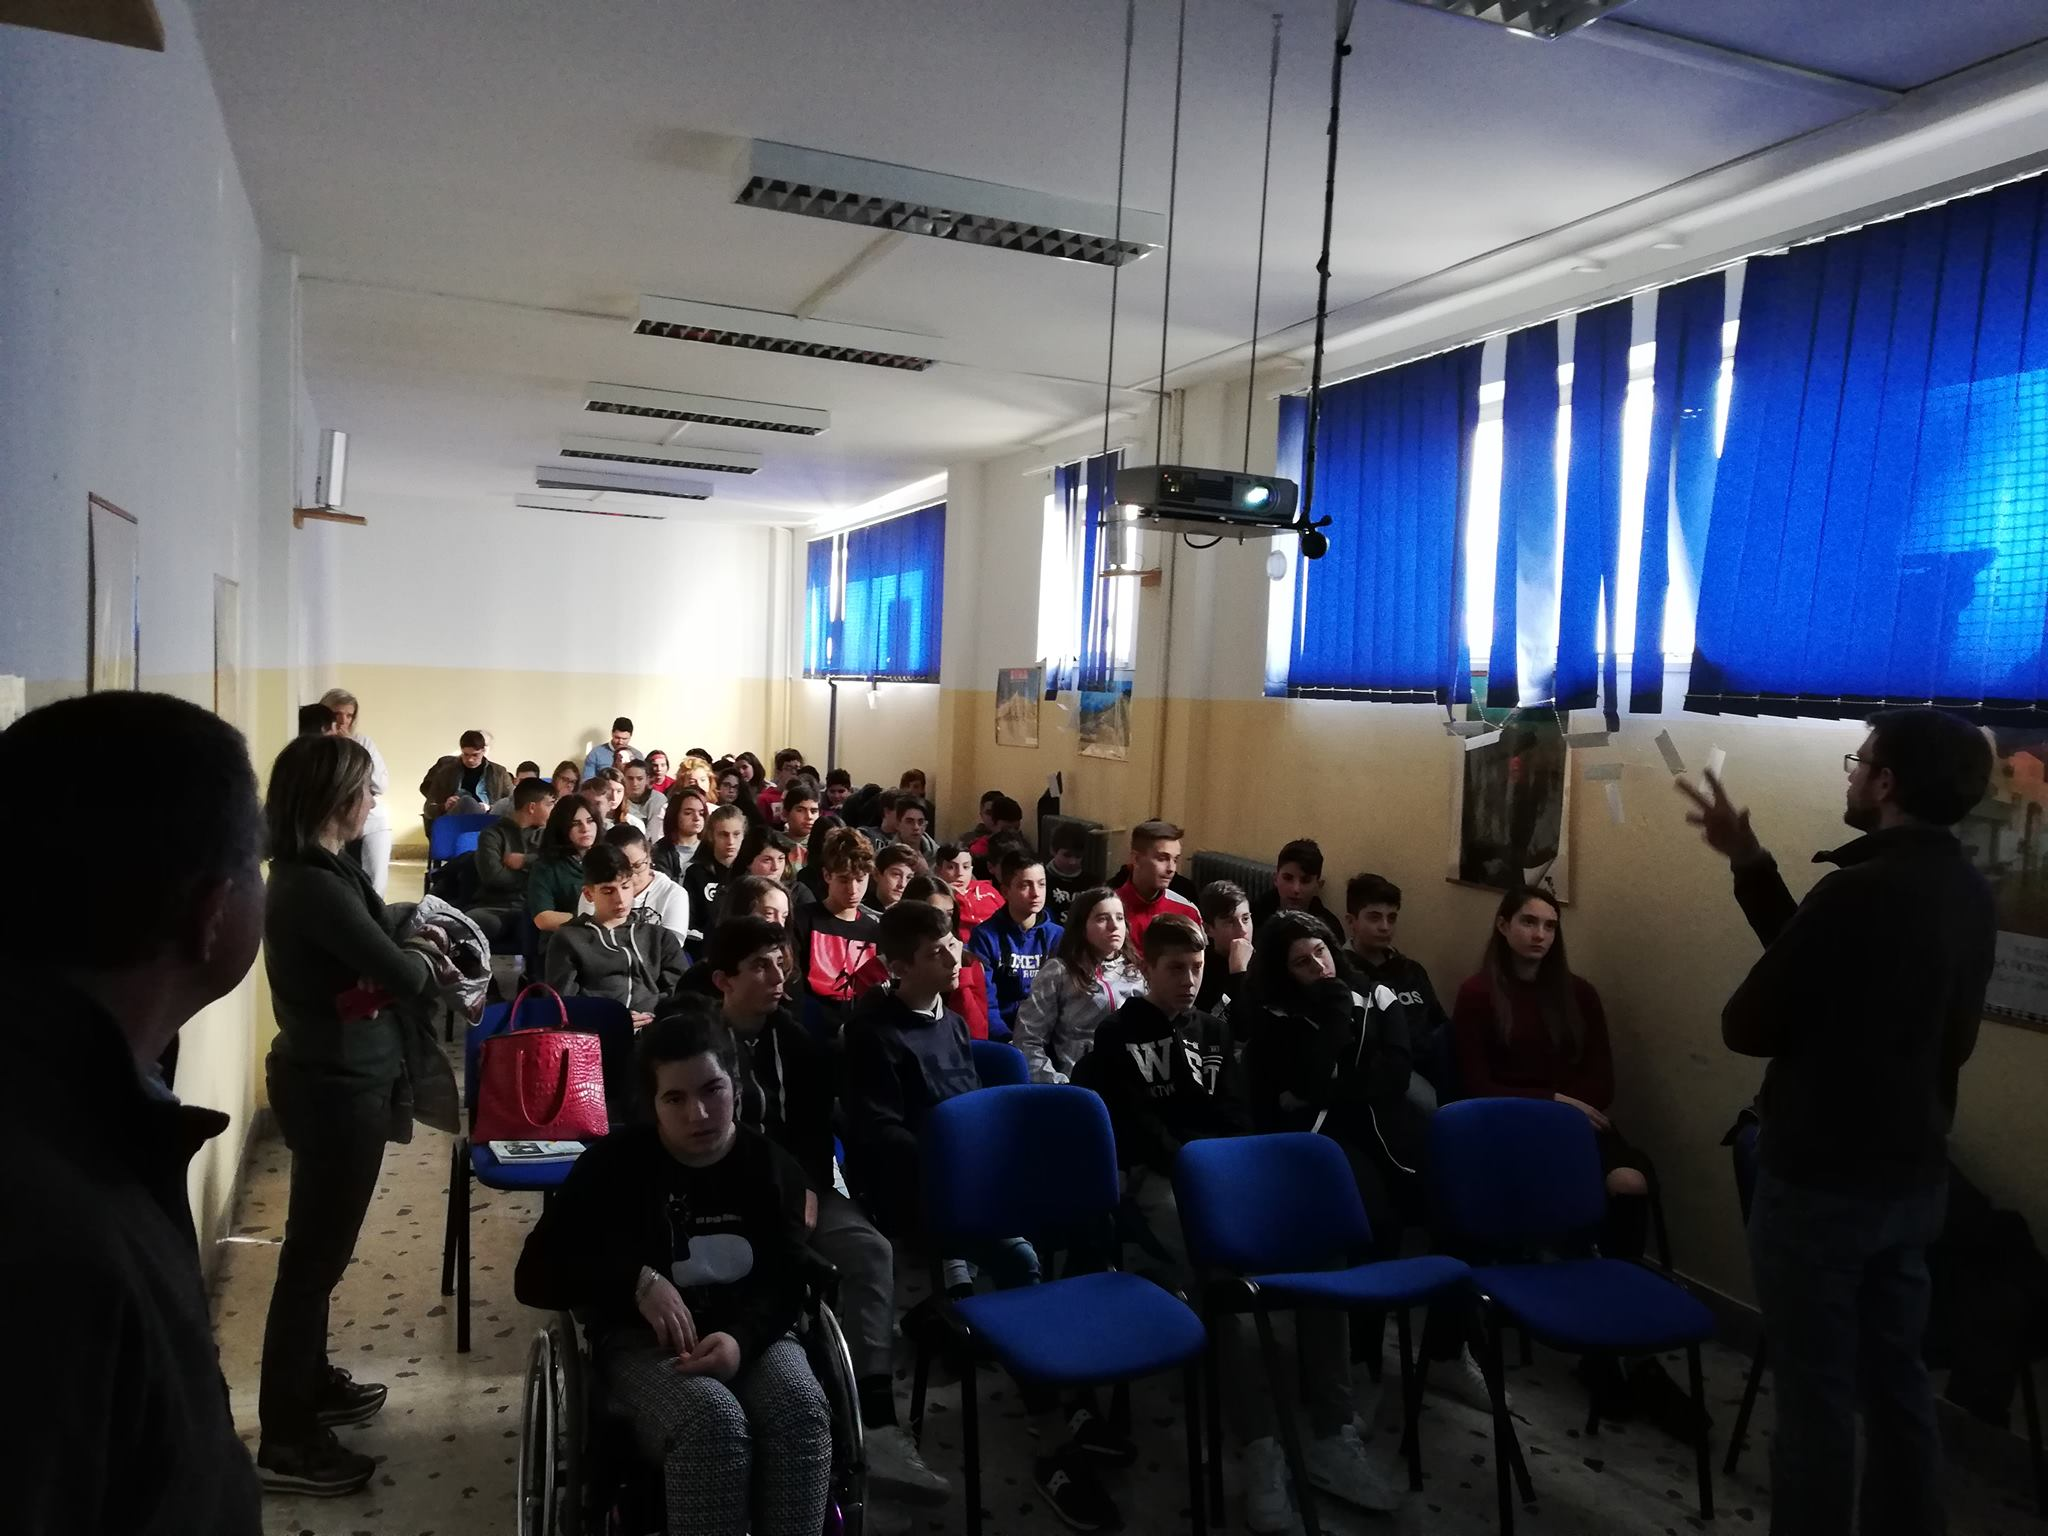 segni-presentazione-atlante-scuola2